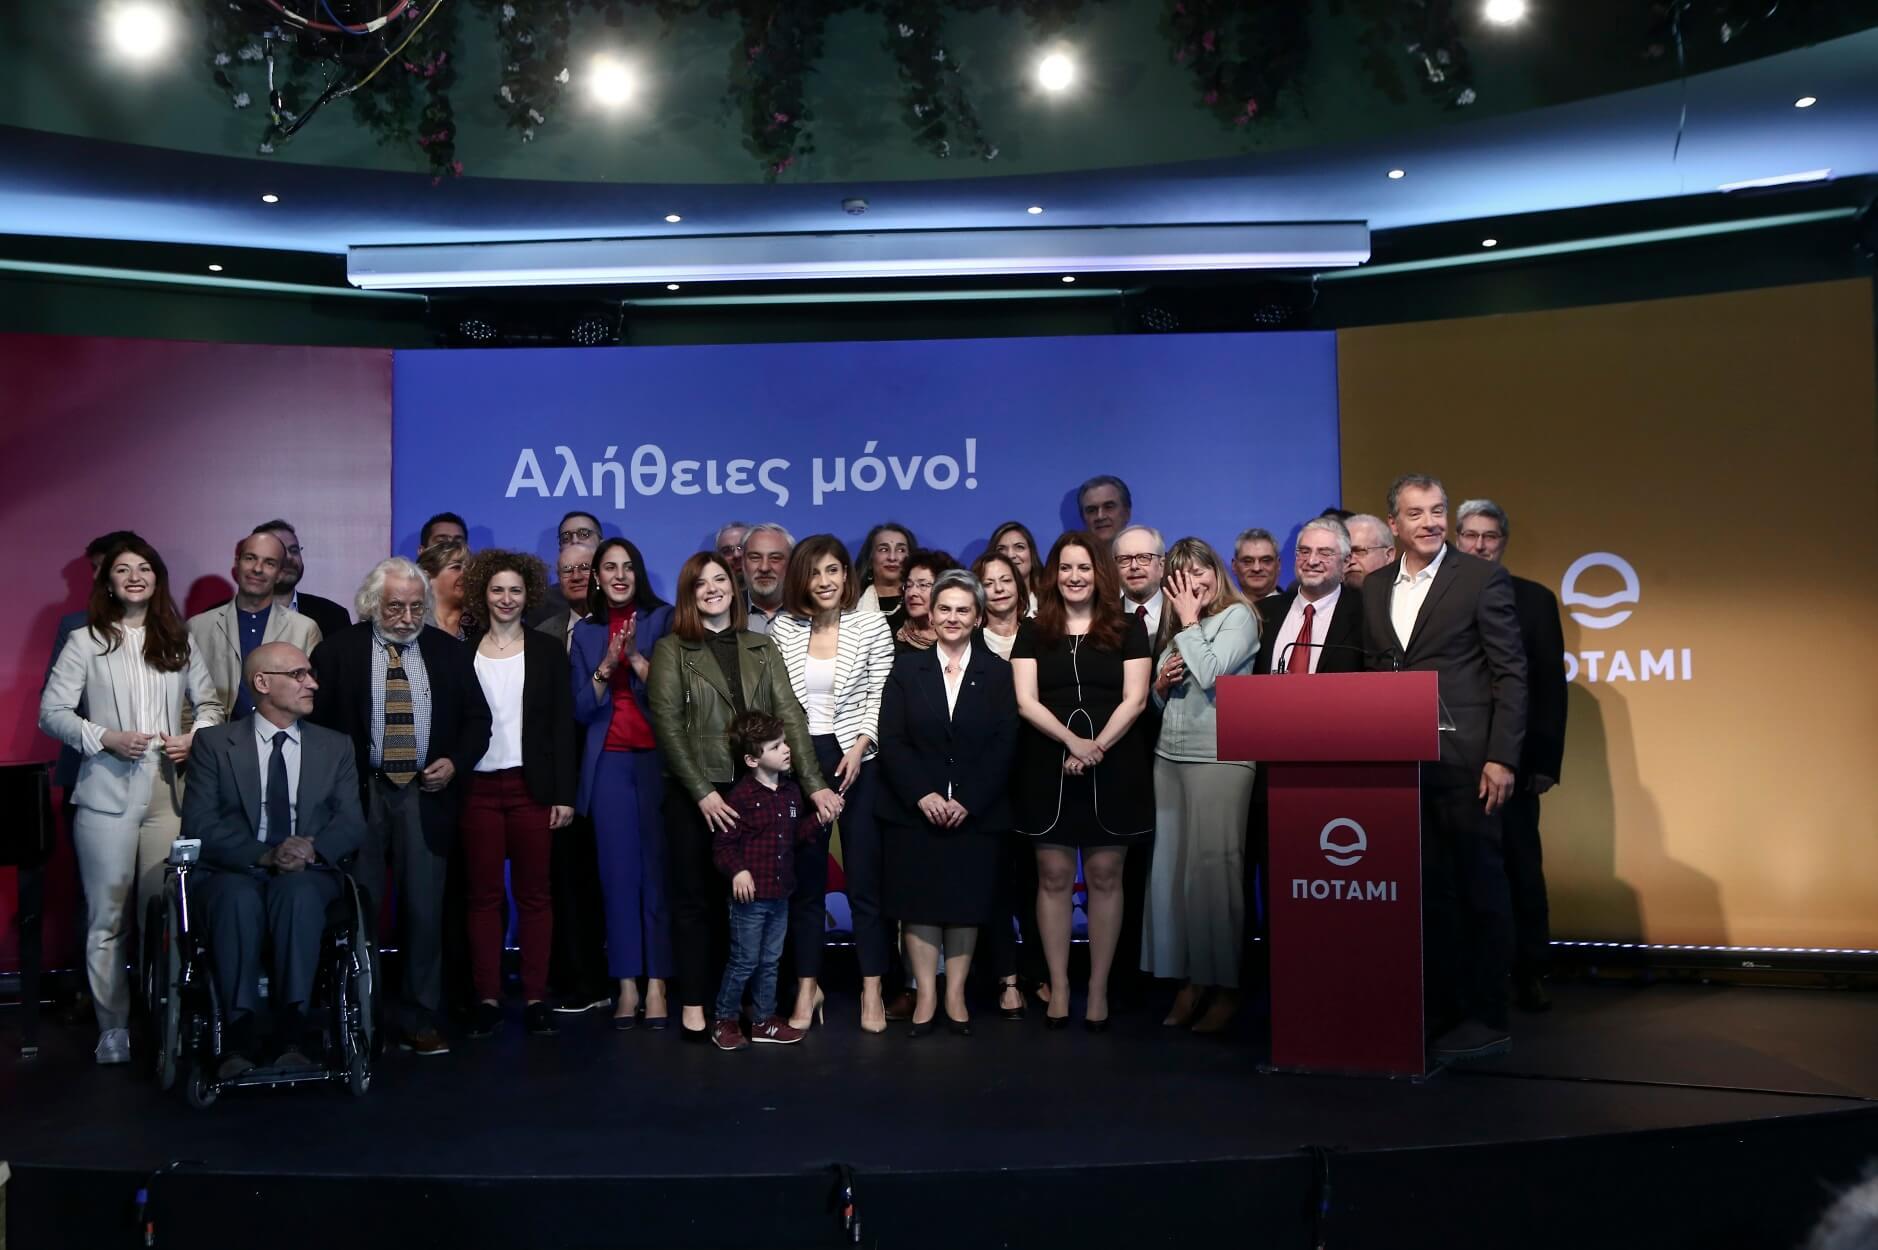 """Με το σύνθημα """"Αλήθειες Μόνο!"""" το Ποτάμι παρουσίασε τους υποψήφιους ευρωβουλευτές - video"""